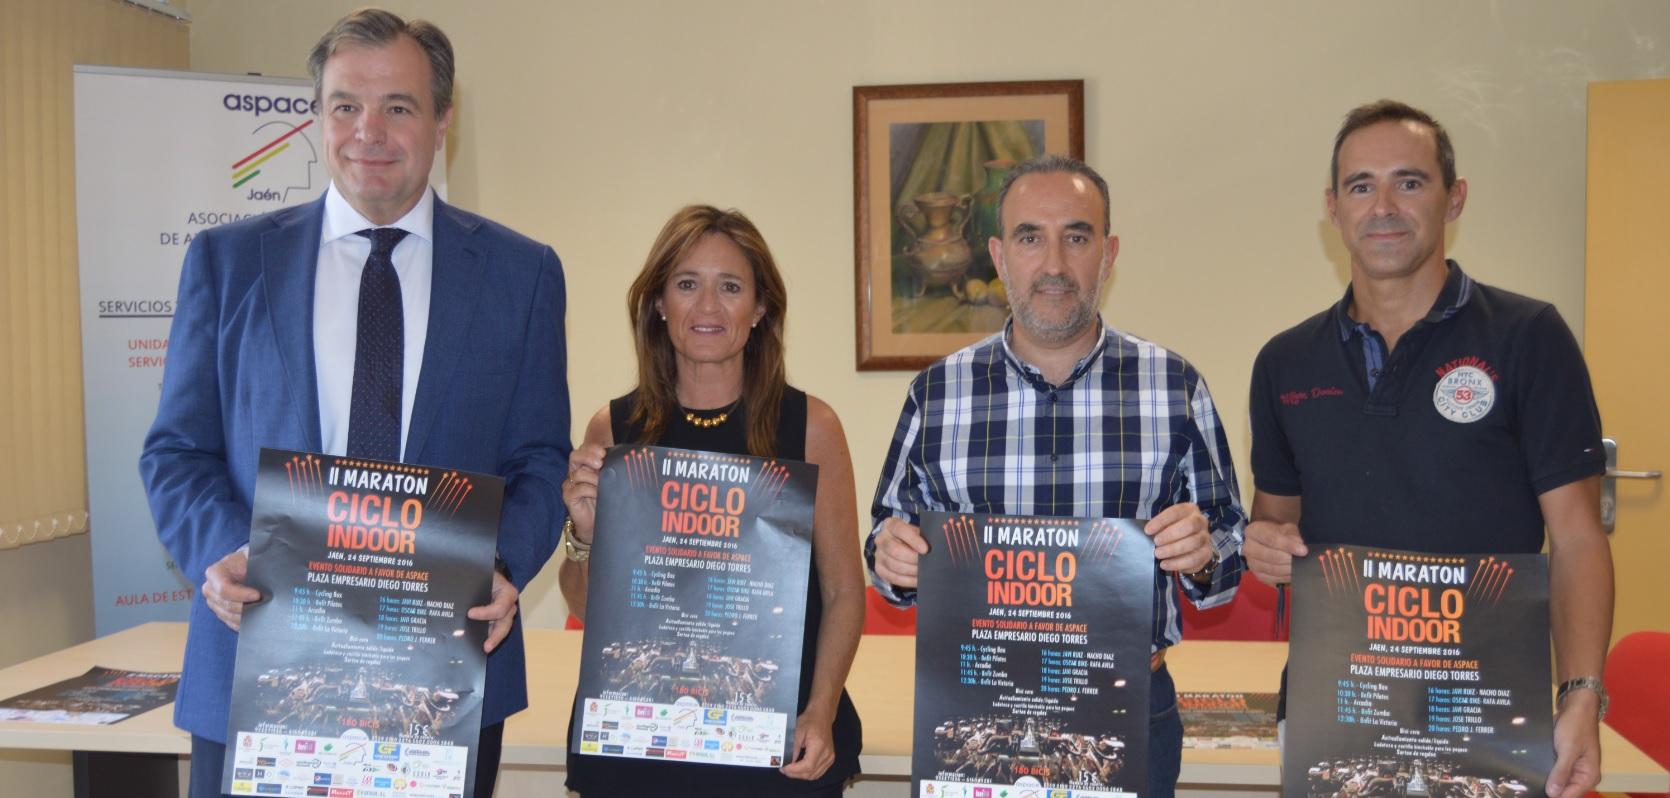 Se presenta oficialmente el II Maratón Ciclo Indoor a favor de Aspace Jaén